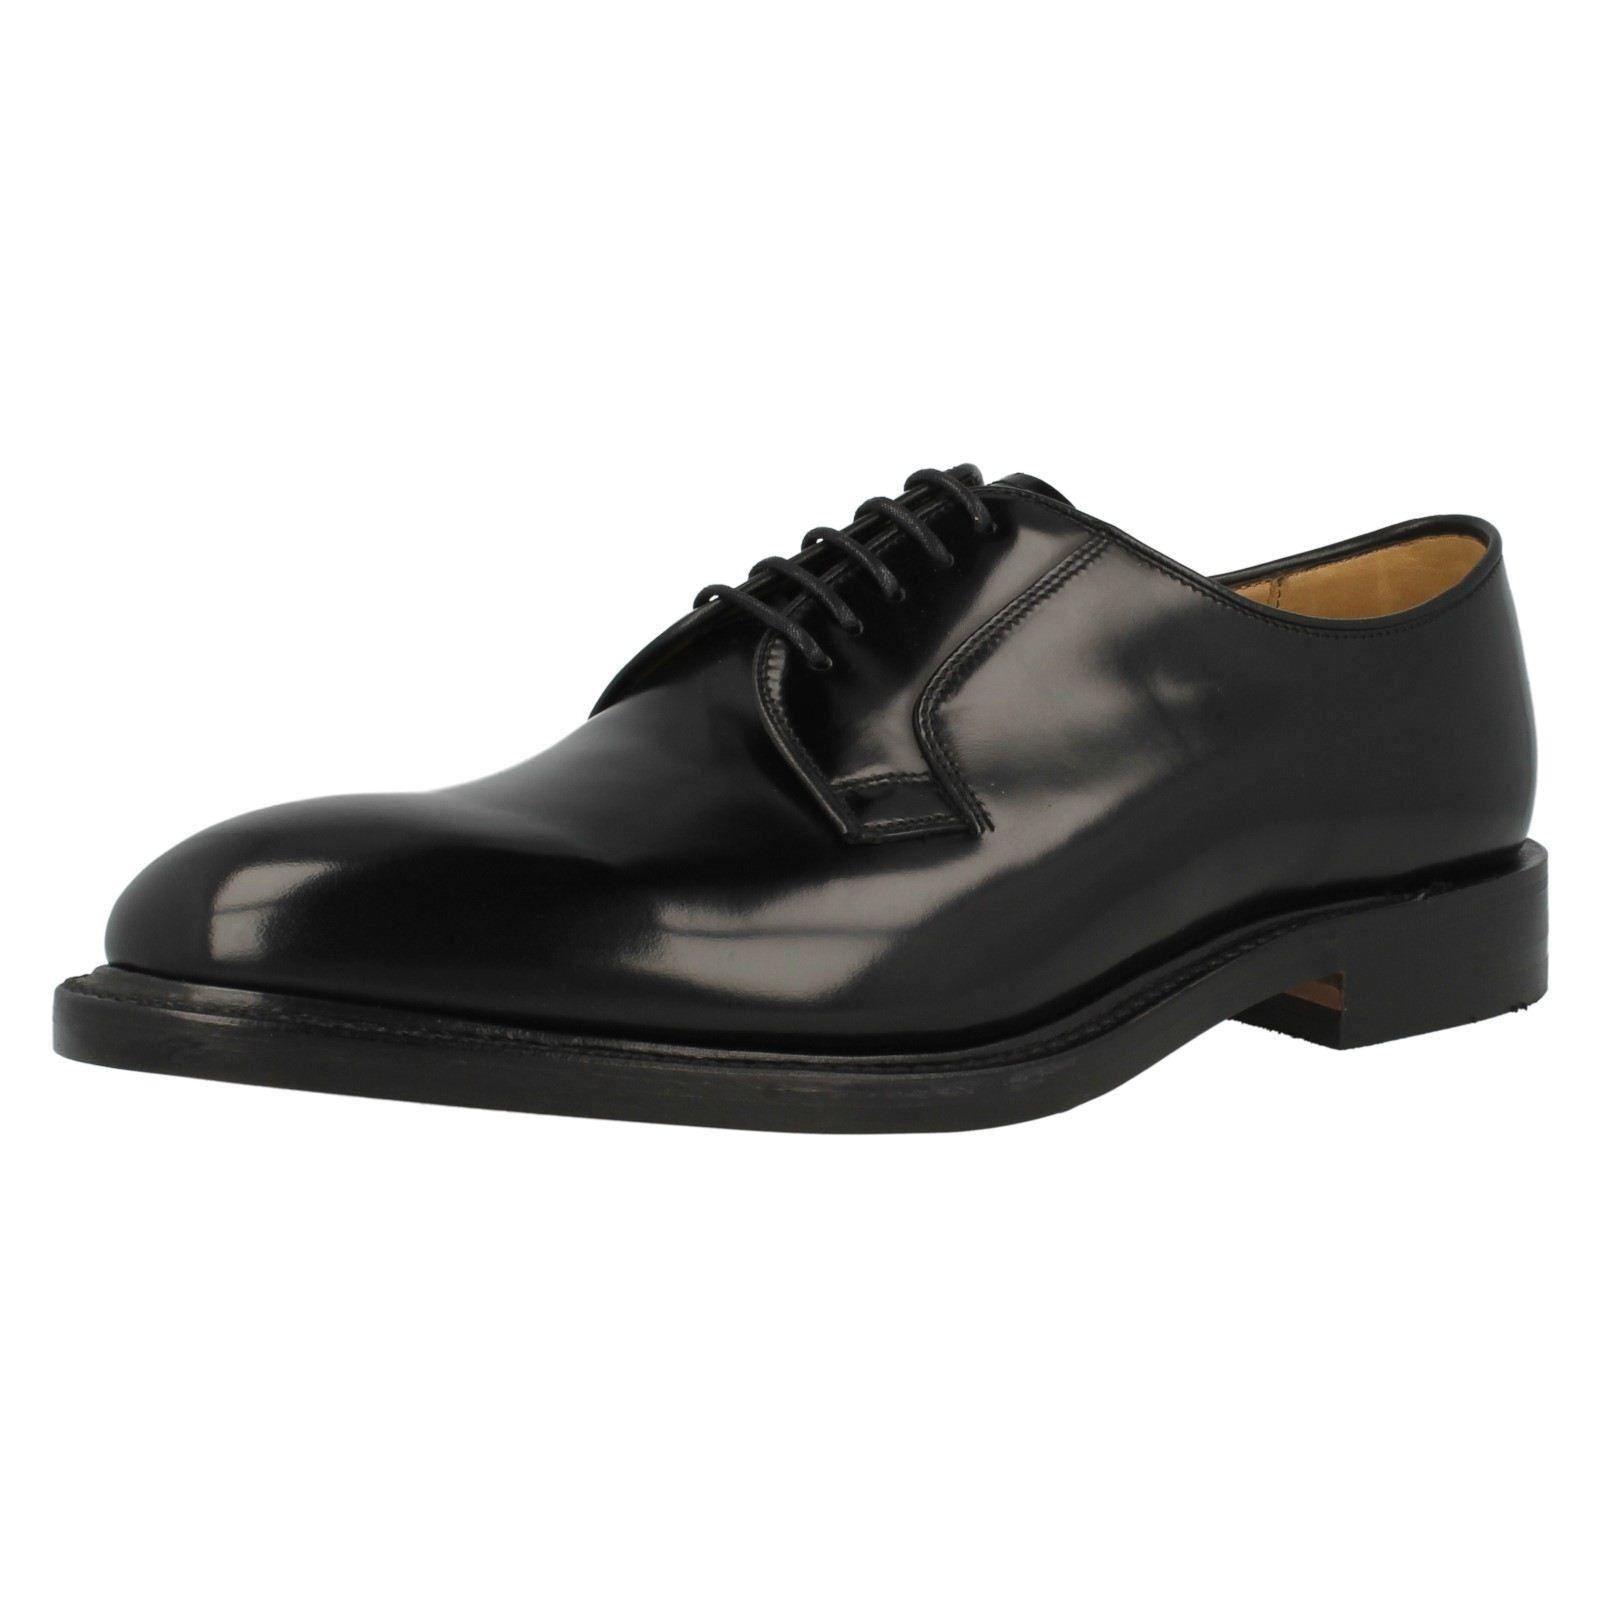 Loake 747B da uomo nera in pelle tutte le scarpe formali